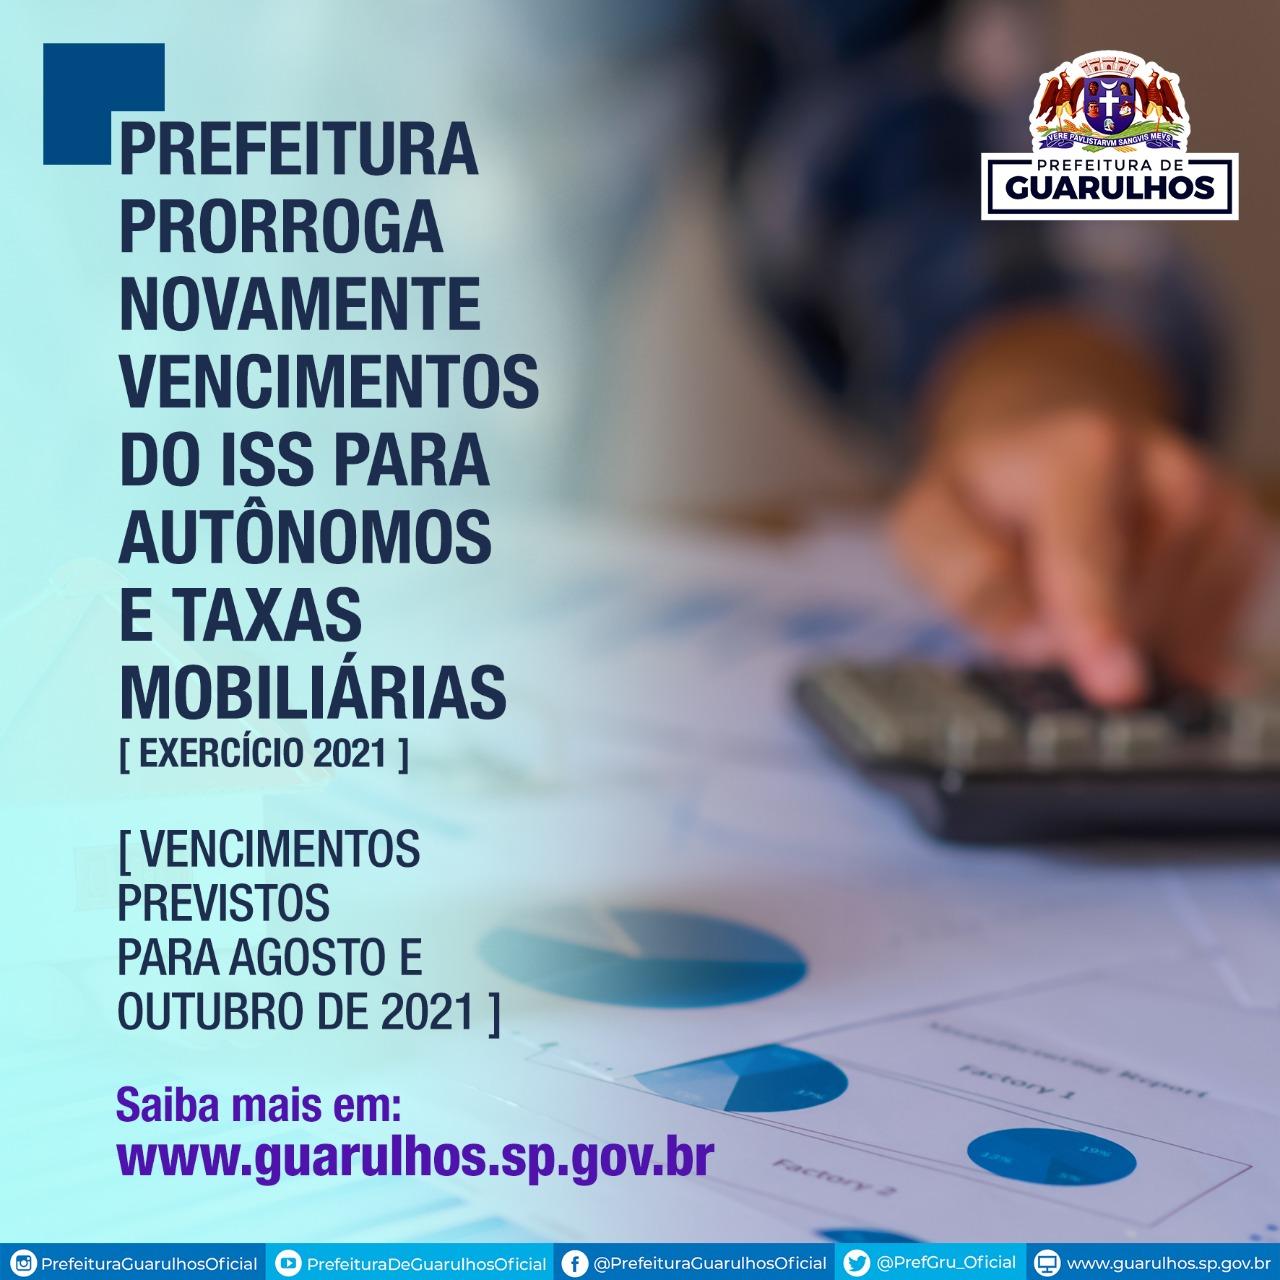 Prefeitura de Guarulhos prorroga vencimentos do ISS para autônomos e taxas mobiliárias